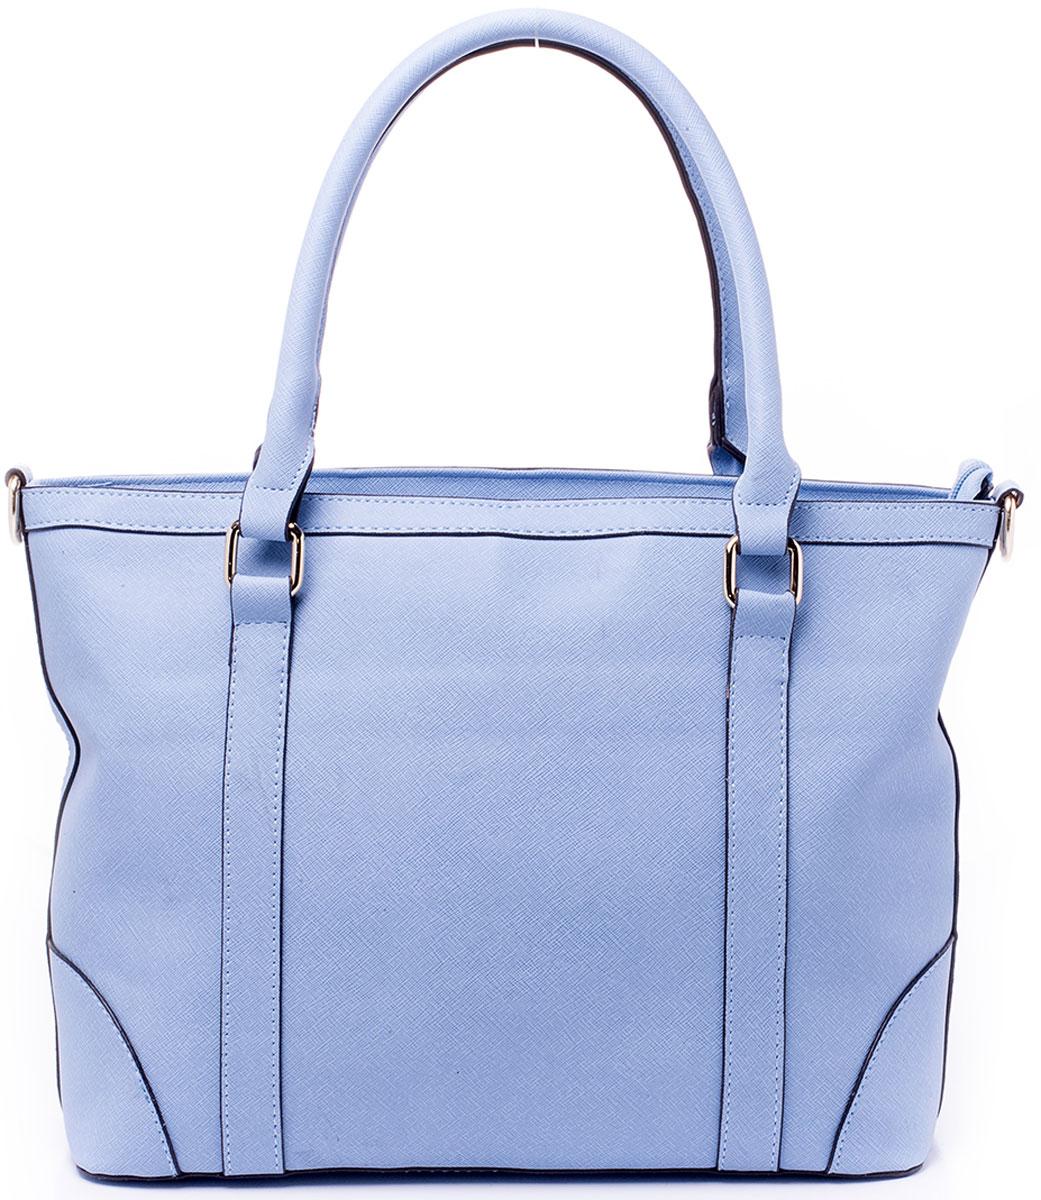 Сумка женская Renee Kler, цвет: голубой. RK7007-16RK7007-16Минималистичная сумка Renee Kler выполнена из экокожи. Изделие имеет одно вместительное отделение, закрывающееся на застежку-молнию и разграниченное надвое карманом-разделителем так же на молнии. Внутри главного отделения - два открытых накладных кармана для мелочей и вшитый карман на застежке-молнии. Сзади сумки так же находится прорезной карман на молнии. Изделие имеет две комфортные для переноски ручки на кольцах и отстегивающийся регулируемый наплечный ремень.